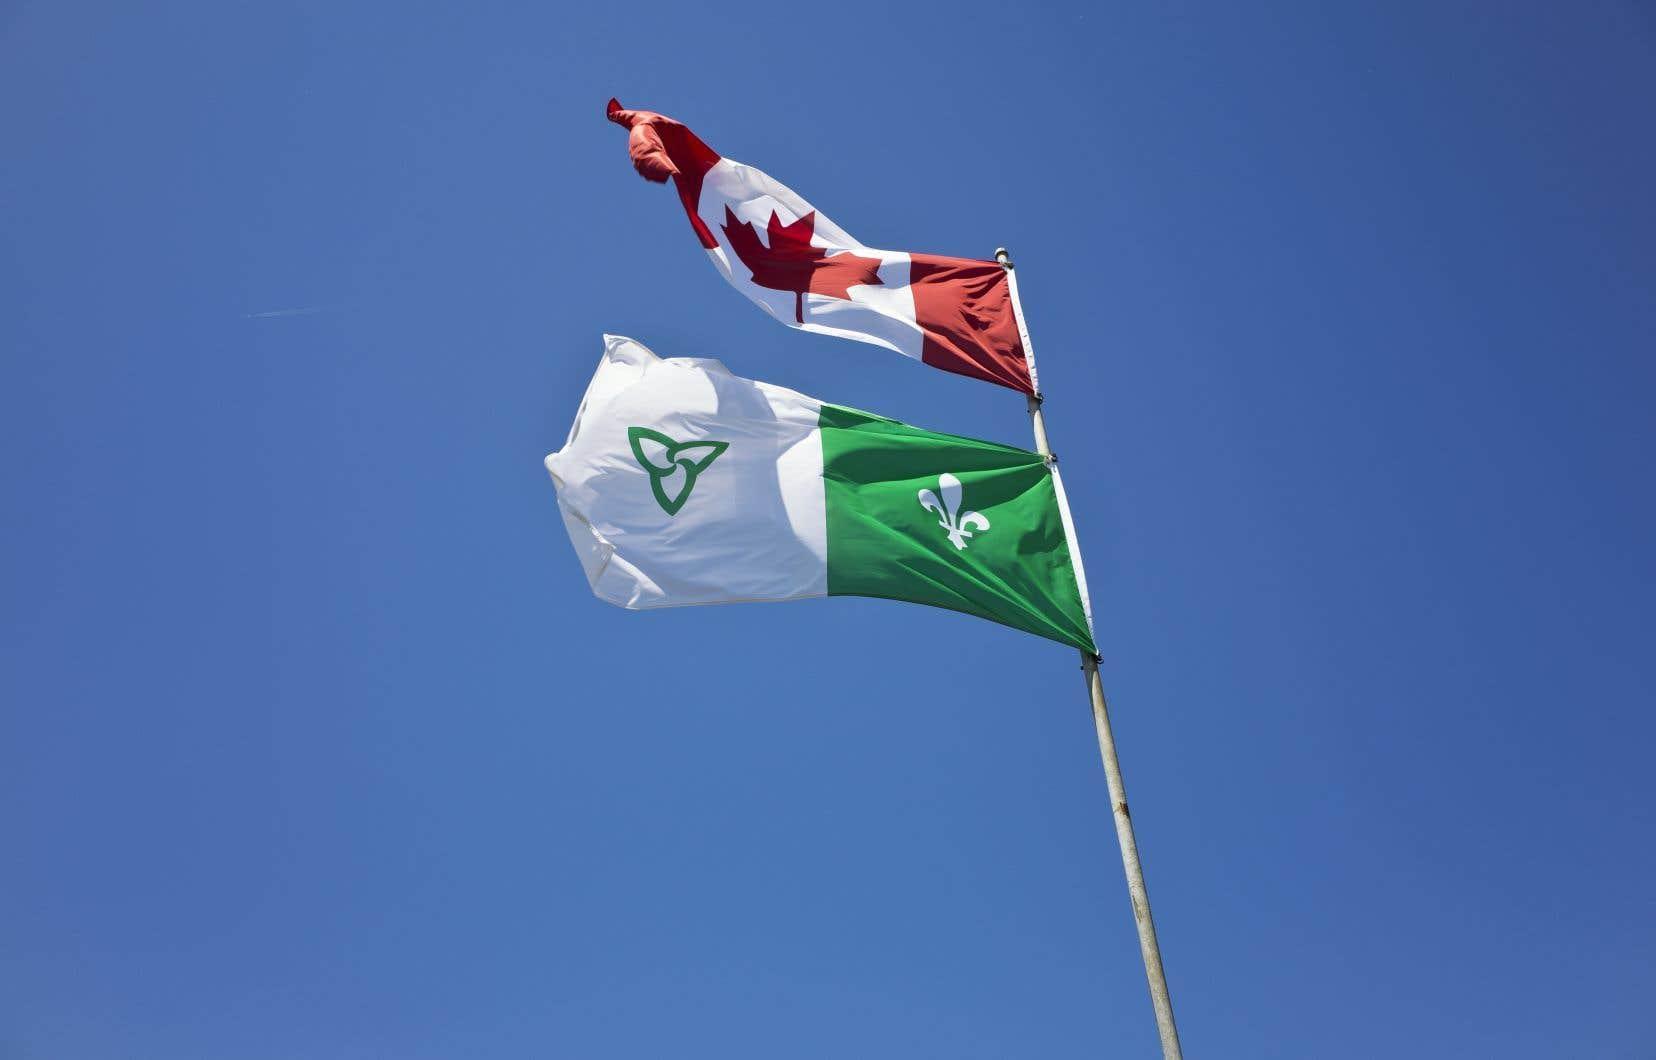 Le gouvernement québécois affirme que ce financement contribuera «à la vitalité et à la pérennité» de la francophonie au Canada.